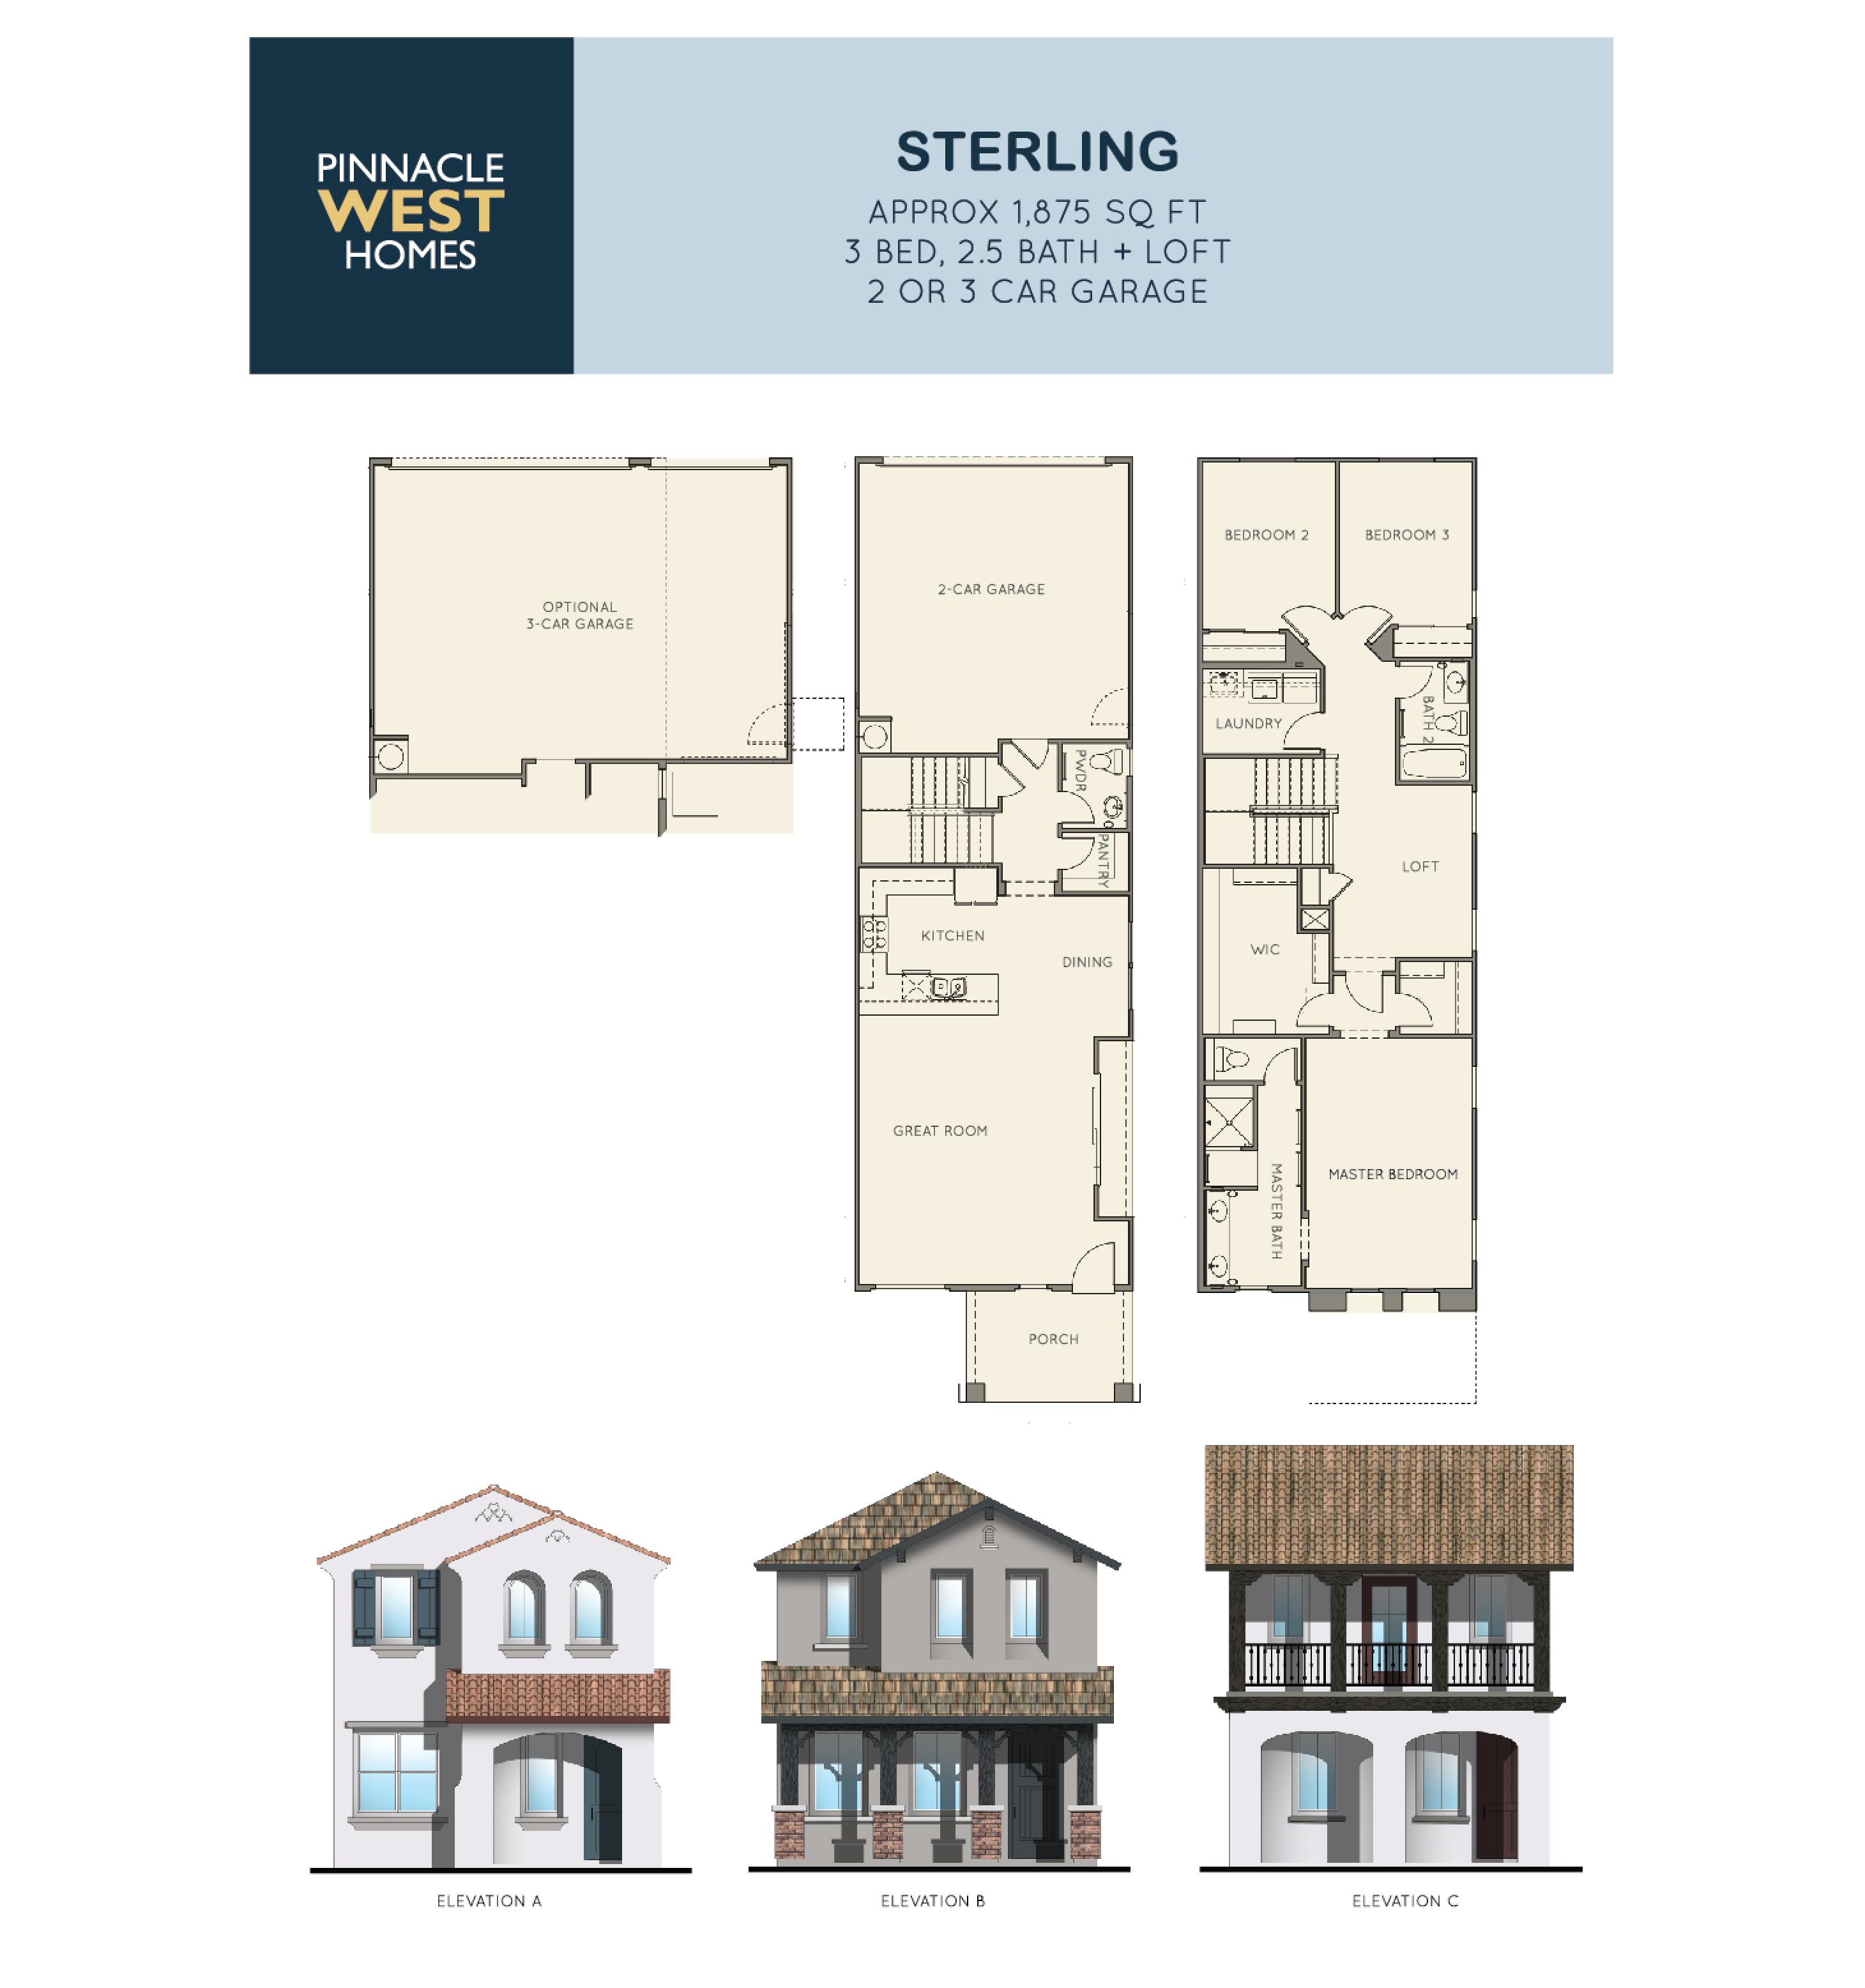 Sterling Floorplan